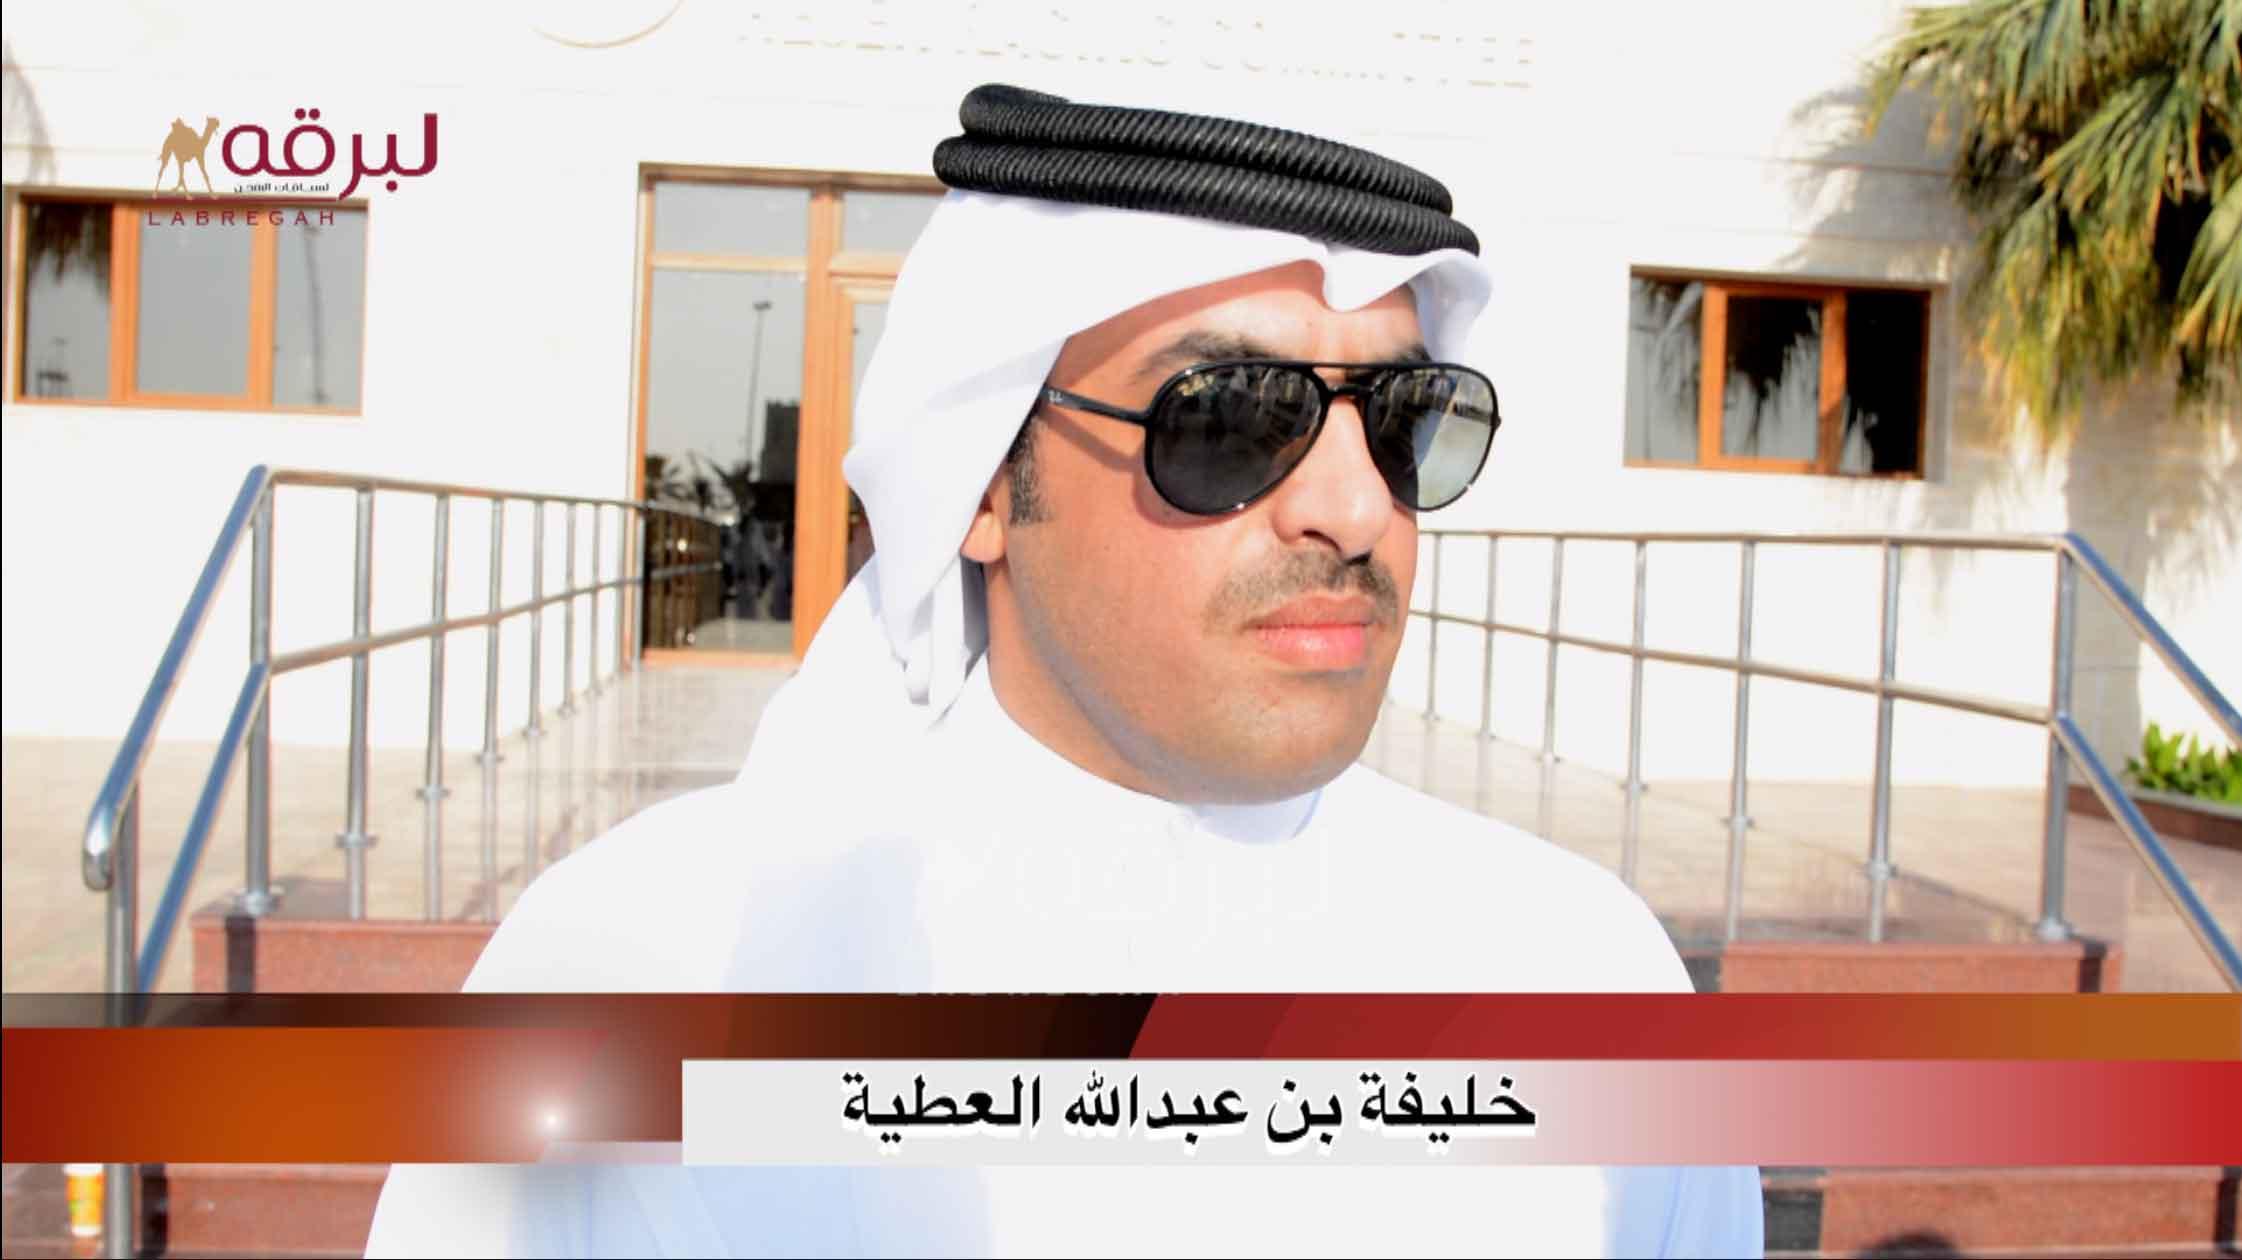 لقاء مع خليفة بن عبدالله العطية.. الشلفة الفضية للثنايا بكار « إنتاج » الأشواط العامة ٥-١٢-٢٠٢٠